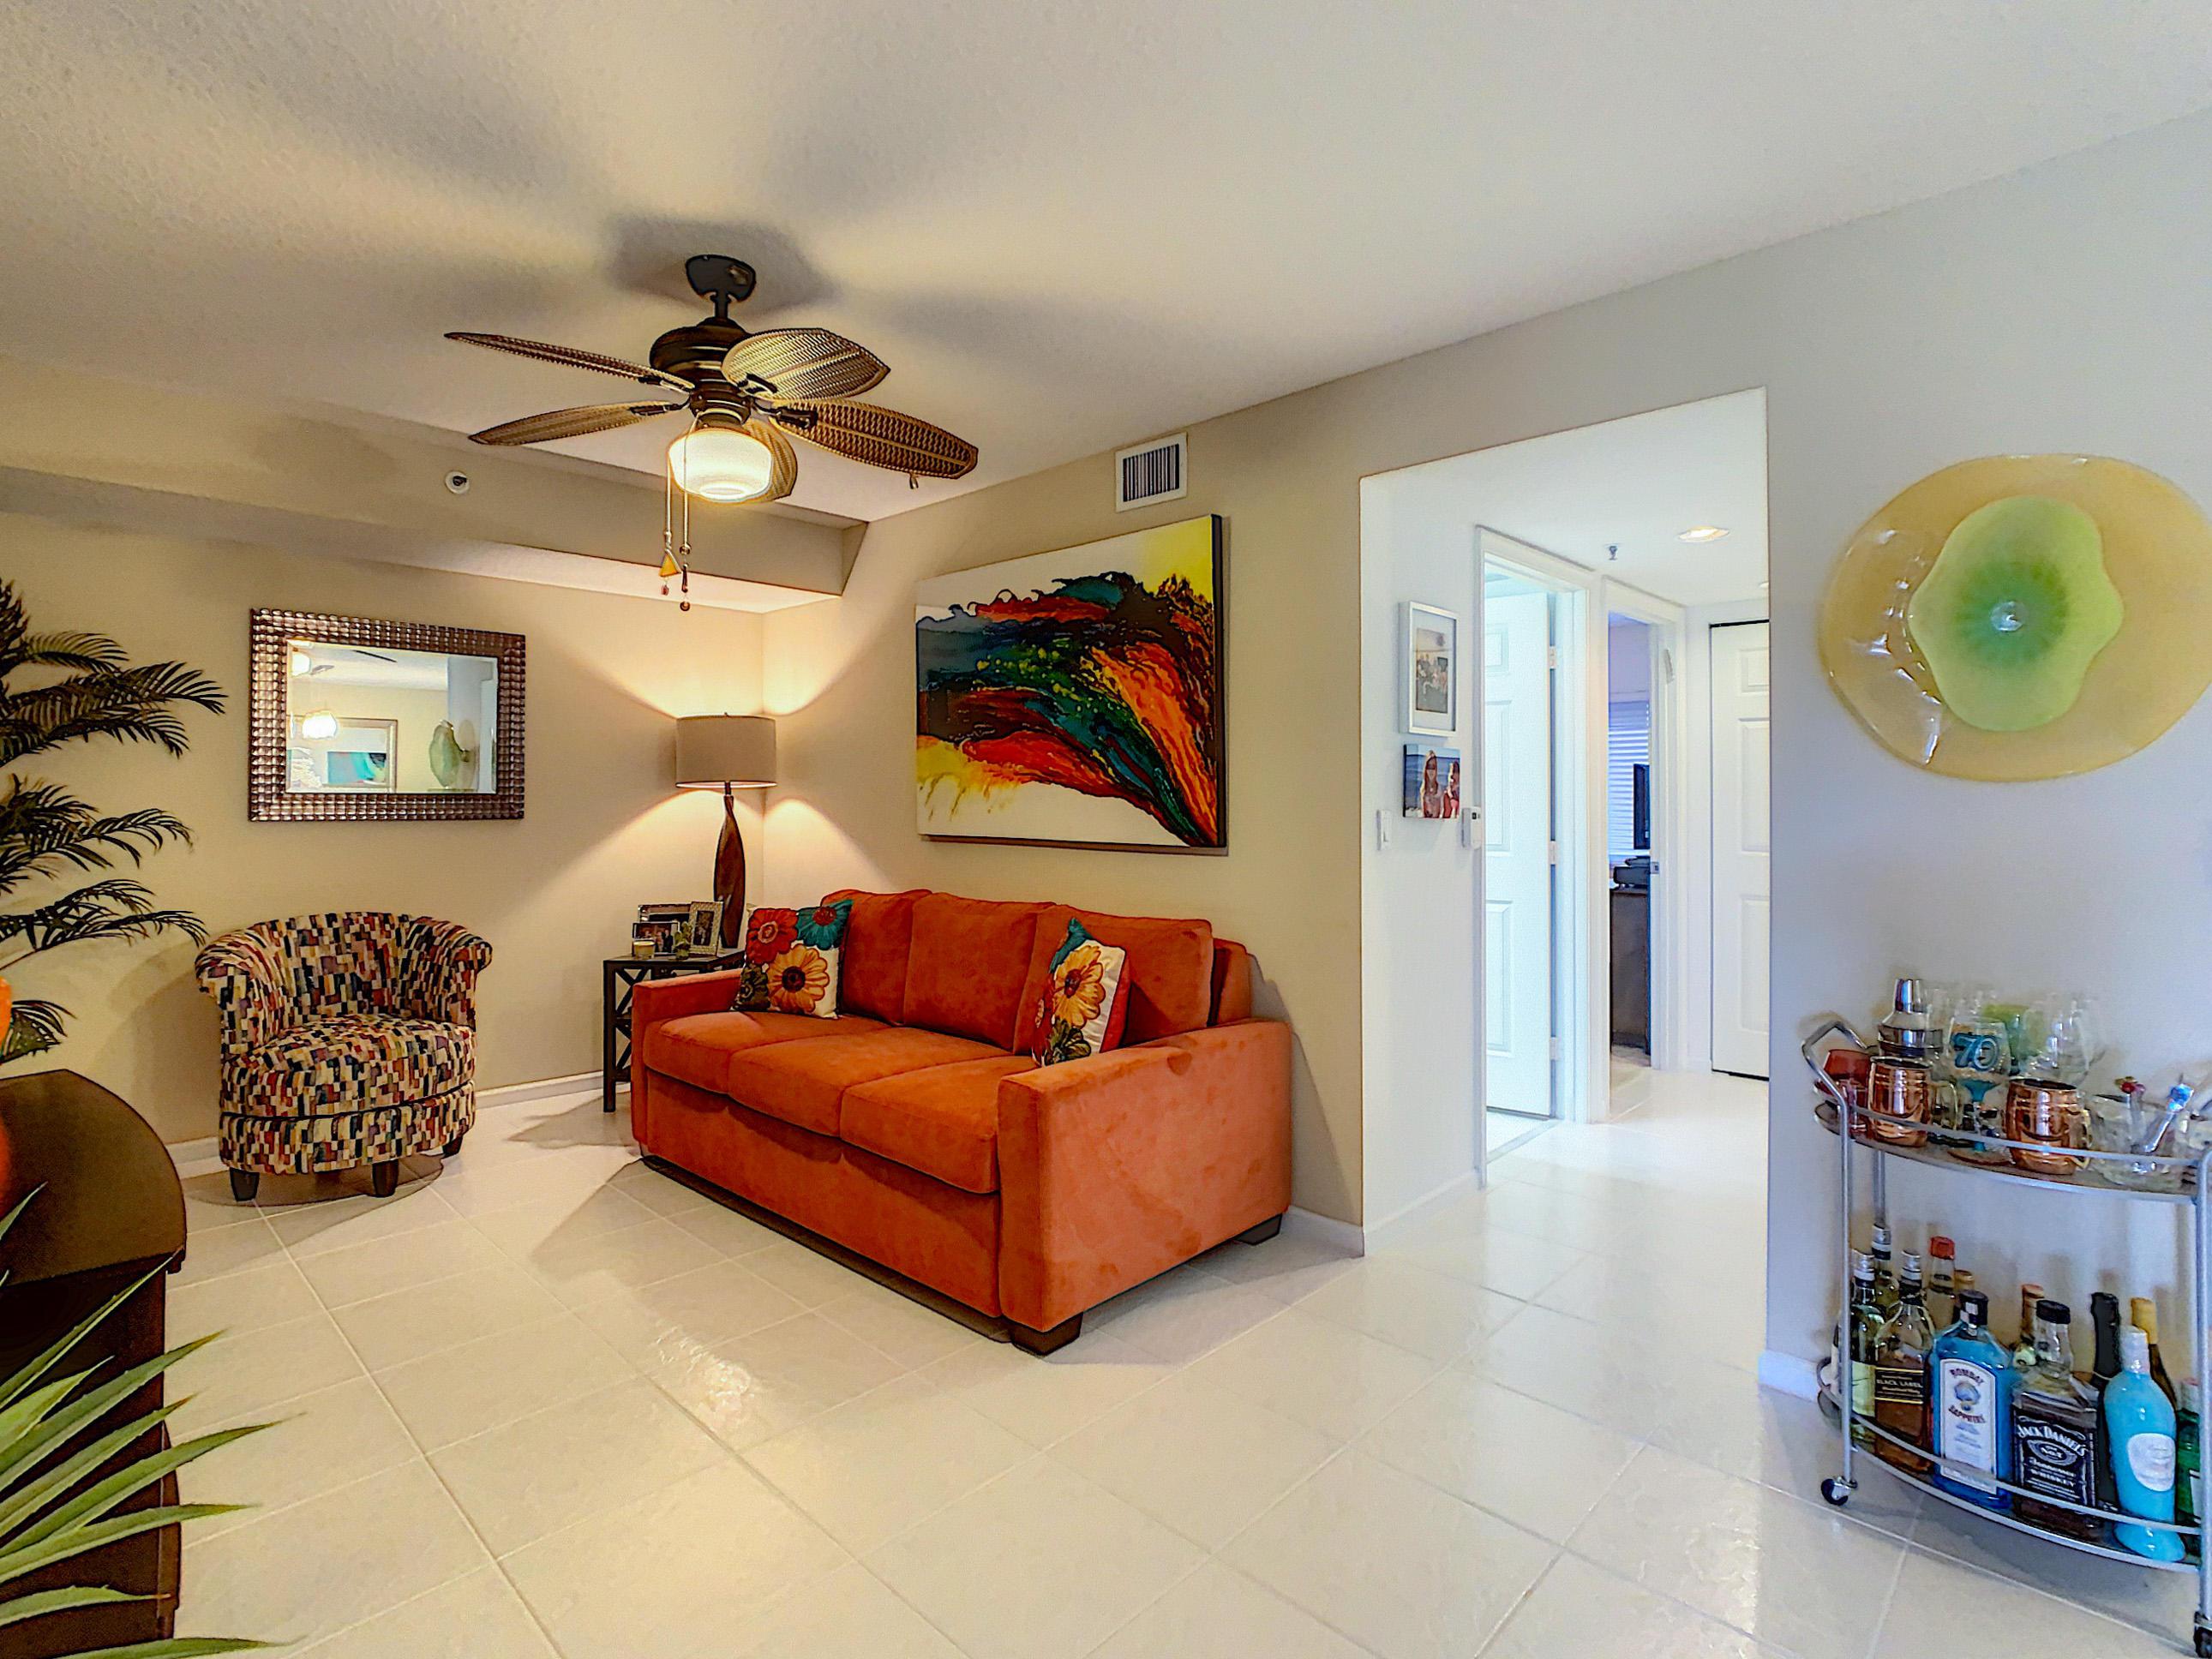 12547 Imperial Isle Drive 402 Boynton Beach, FL 33437 photo 26